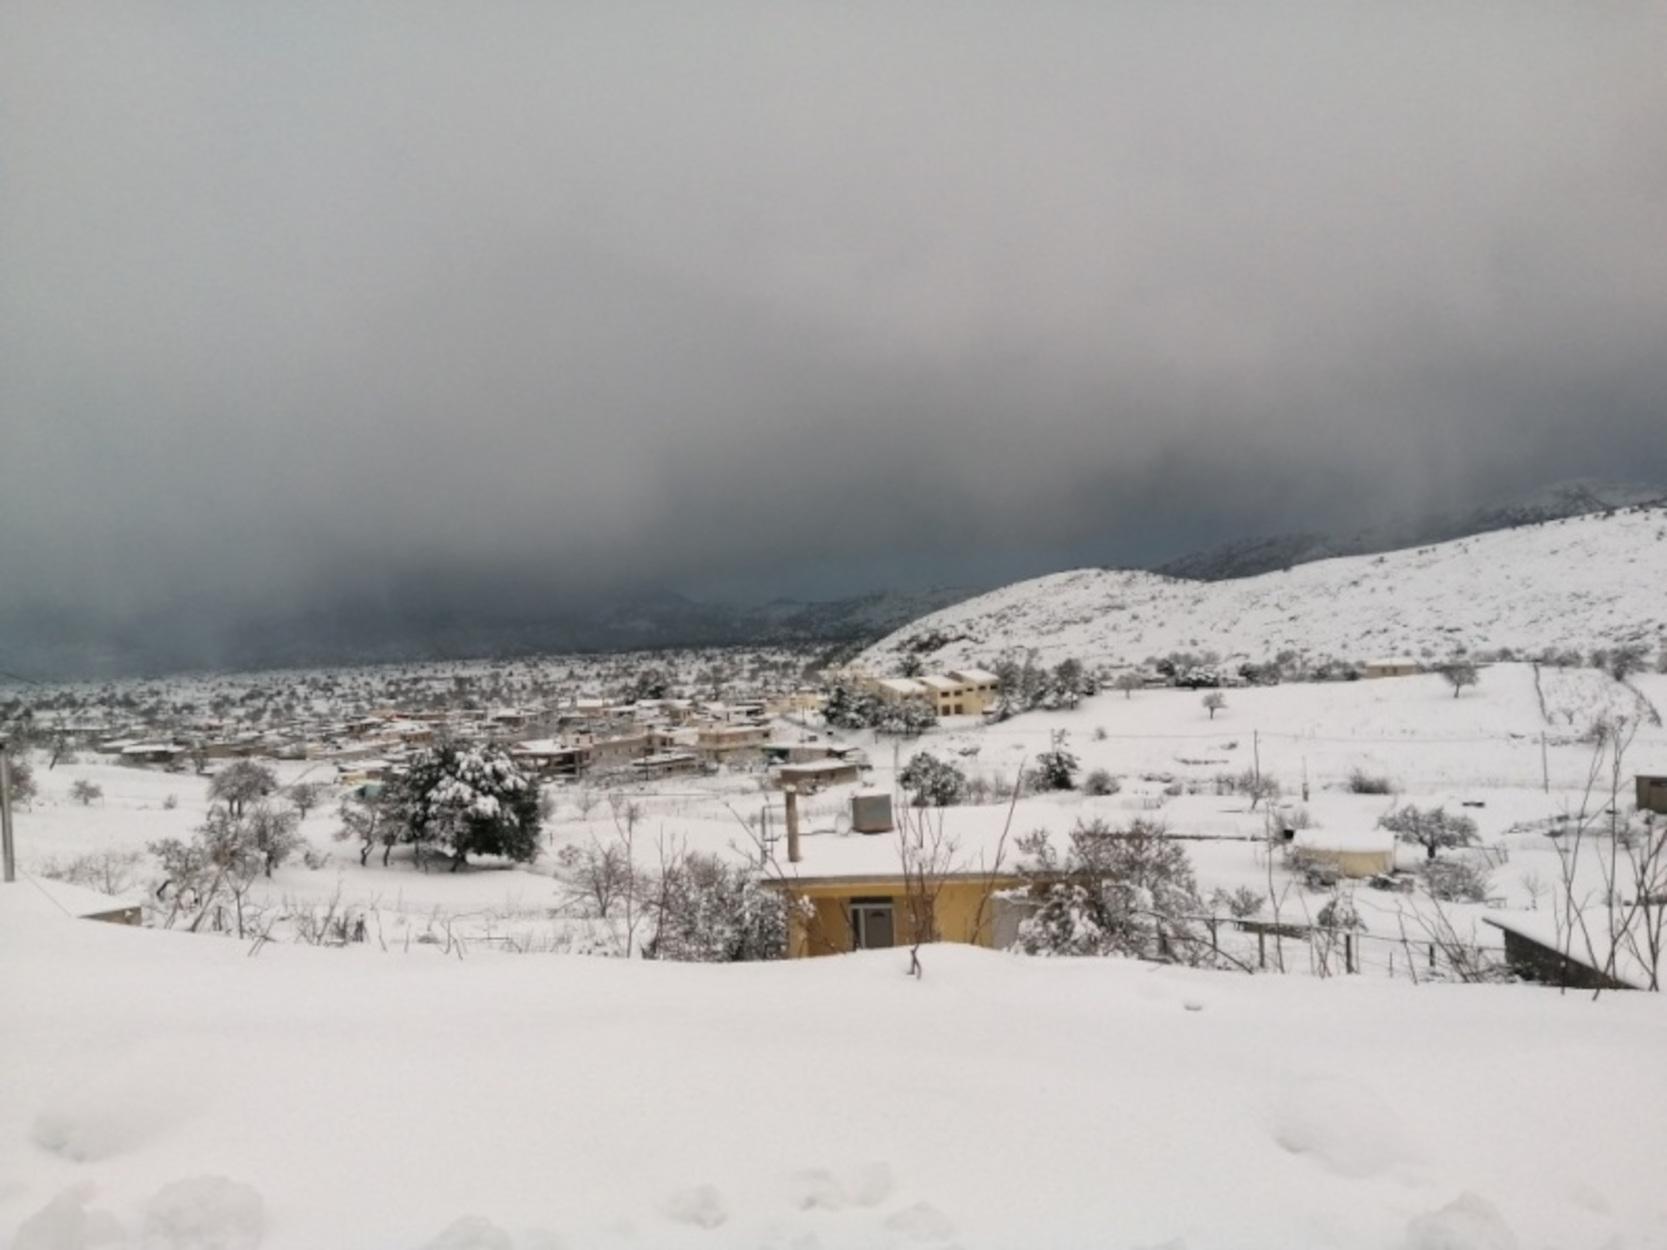 Κρήτη – Ρέθυμνο: Ευχάριστα νέα για τους αγνοούμενους κτηνοτρόφους – Σε εξέλιξη η μεγάλη επιχείρηση